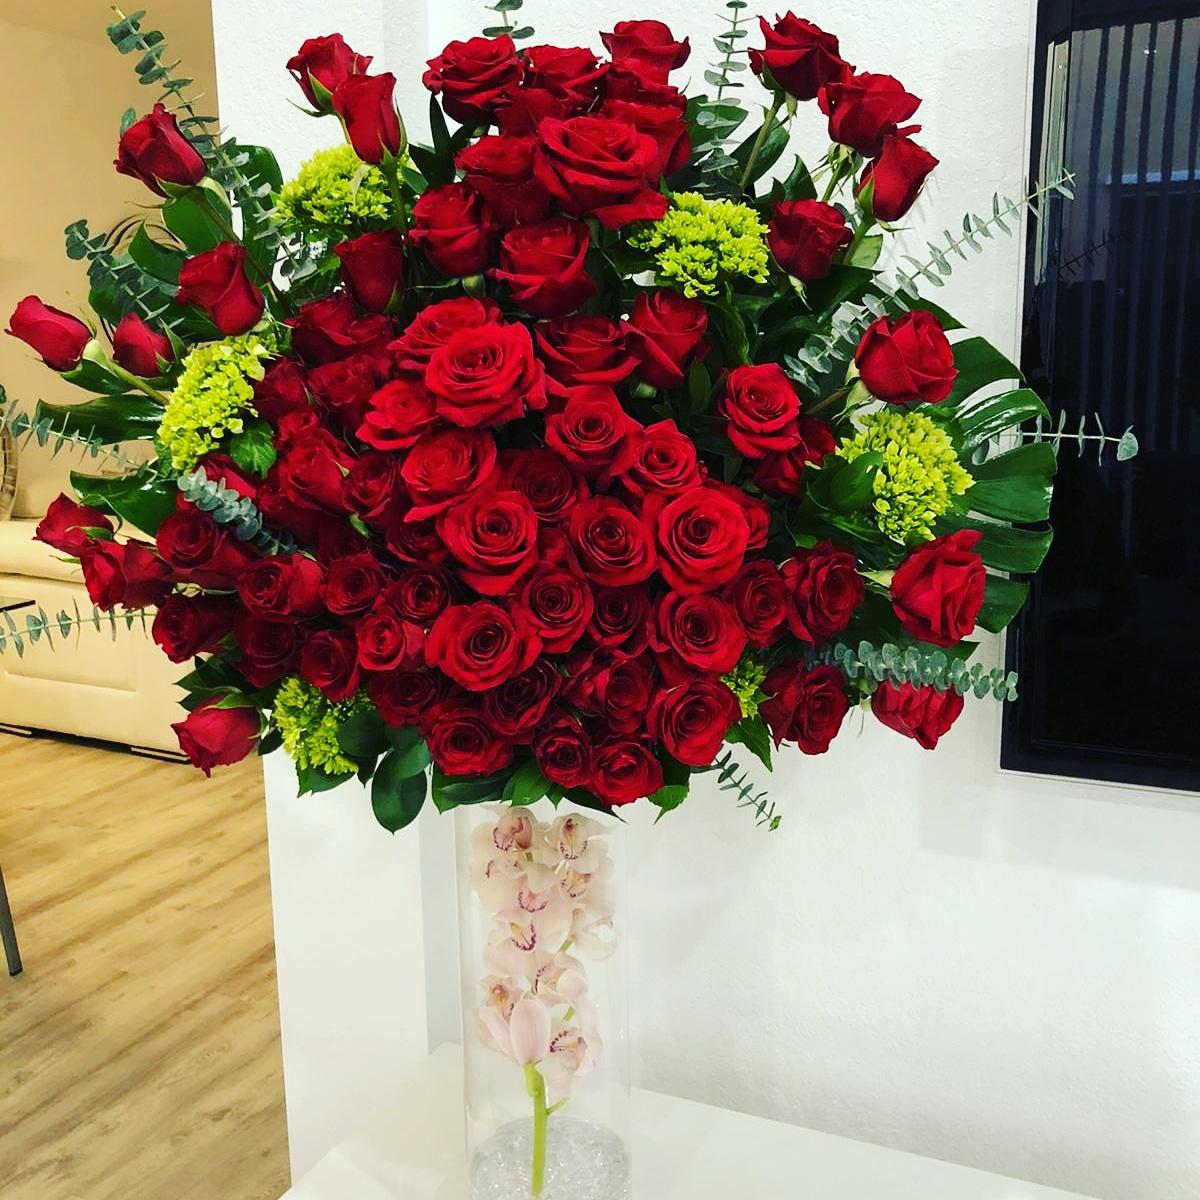 regalos-flores-jpflowers (6)